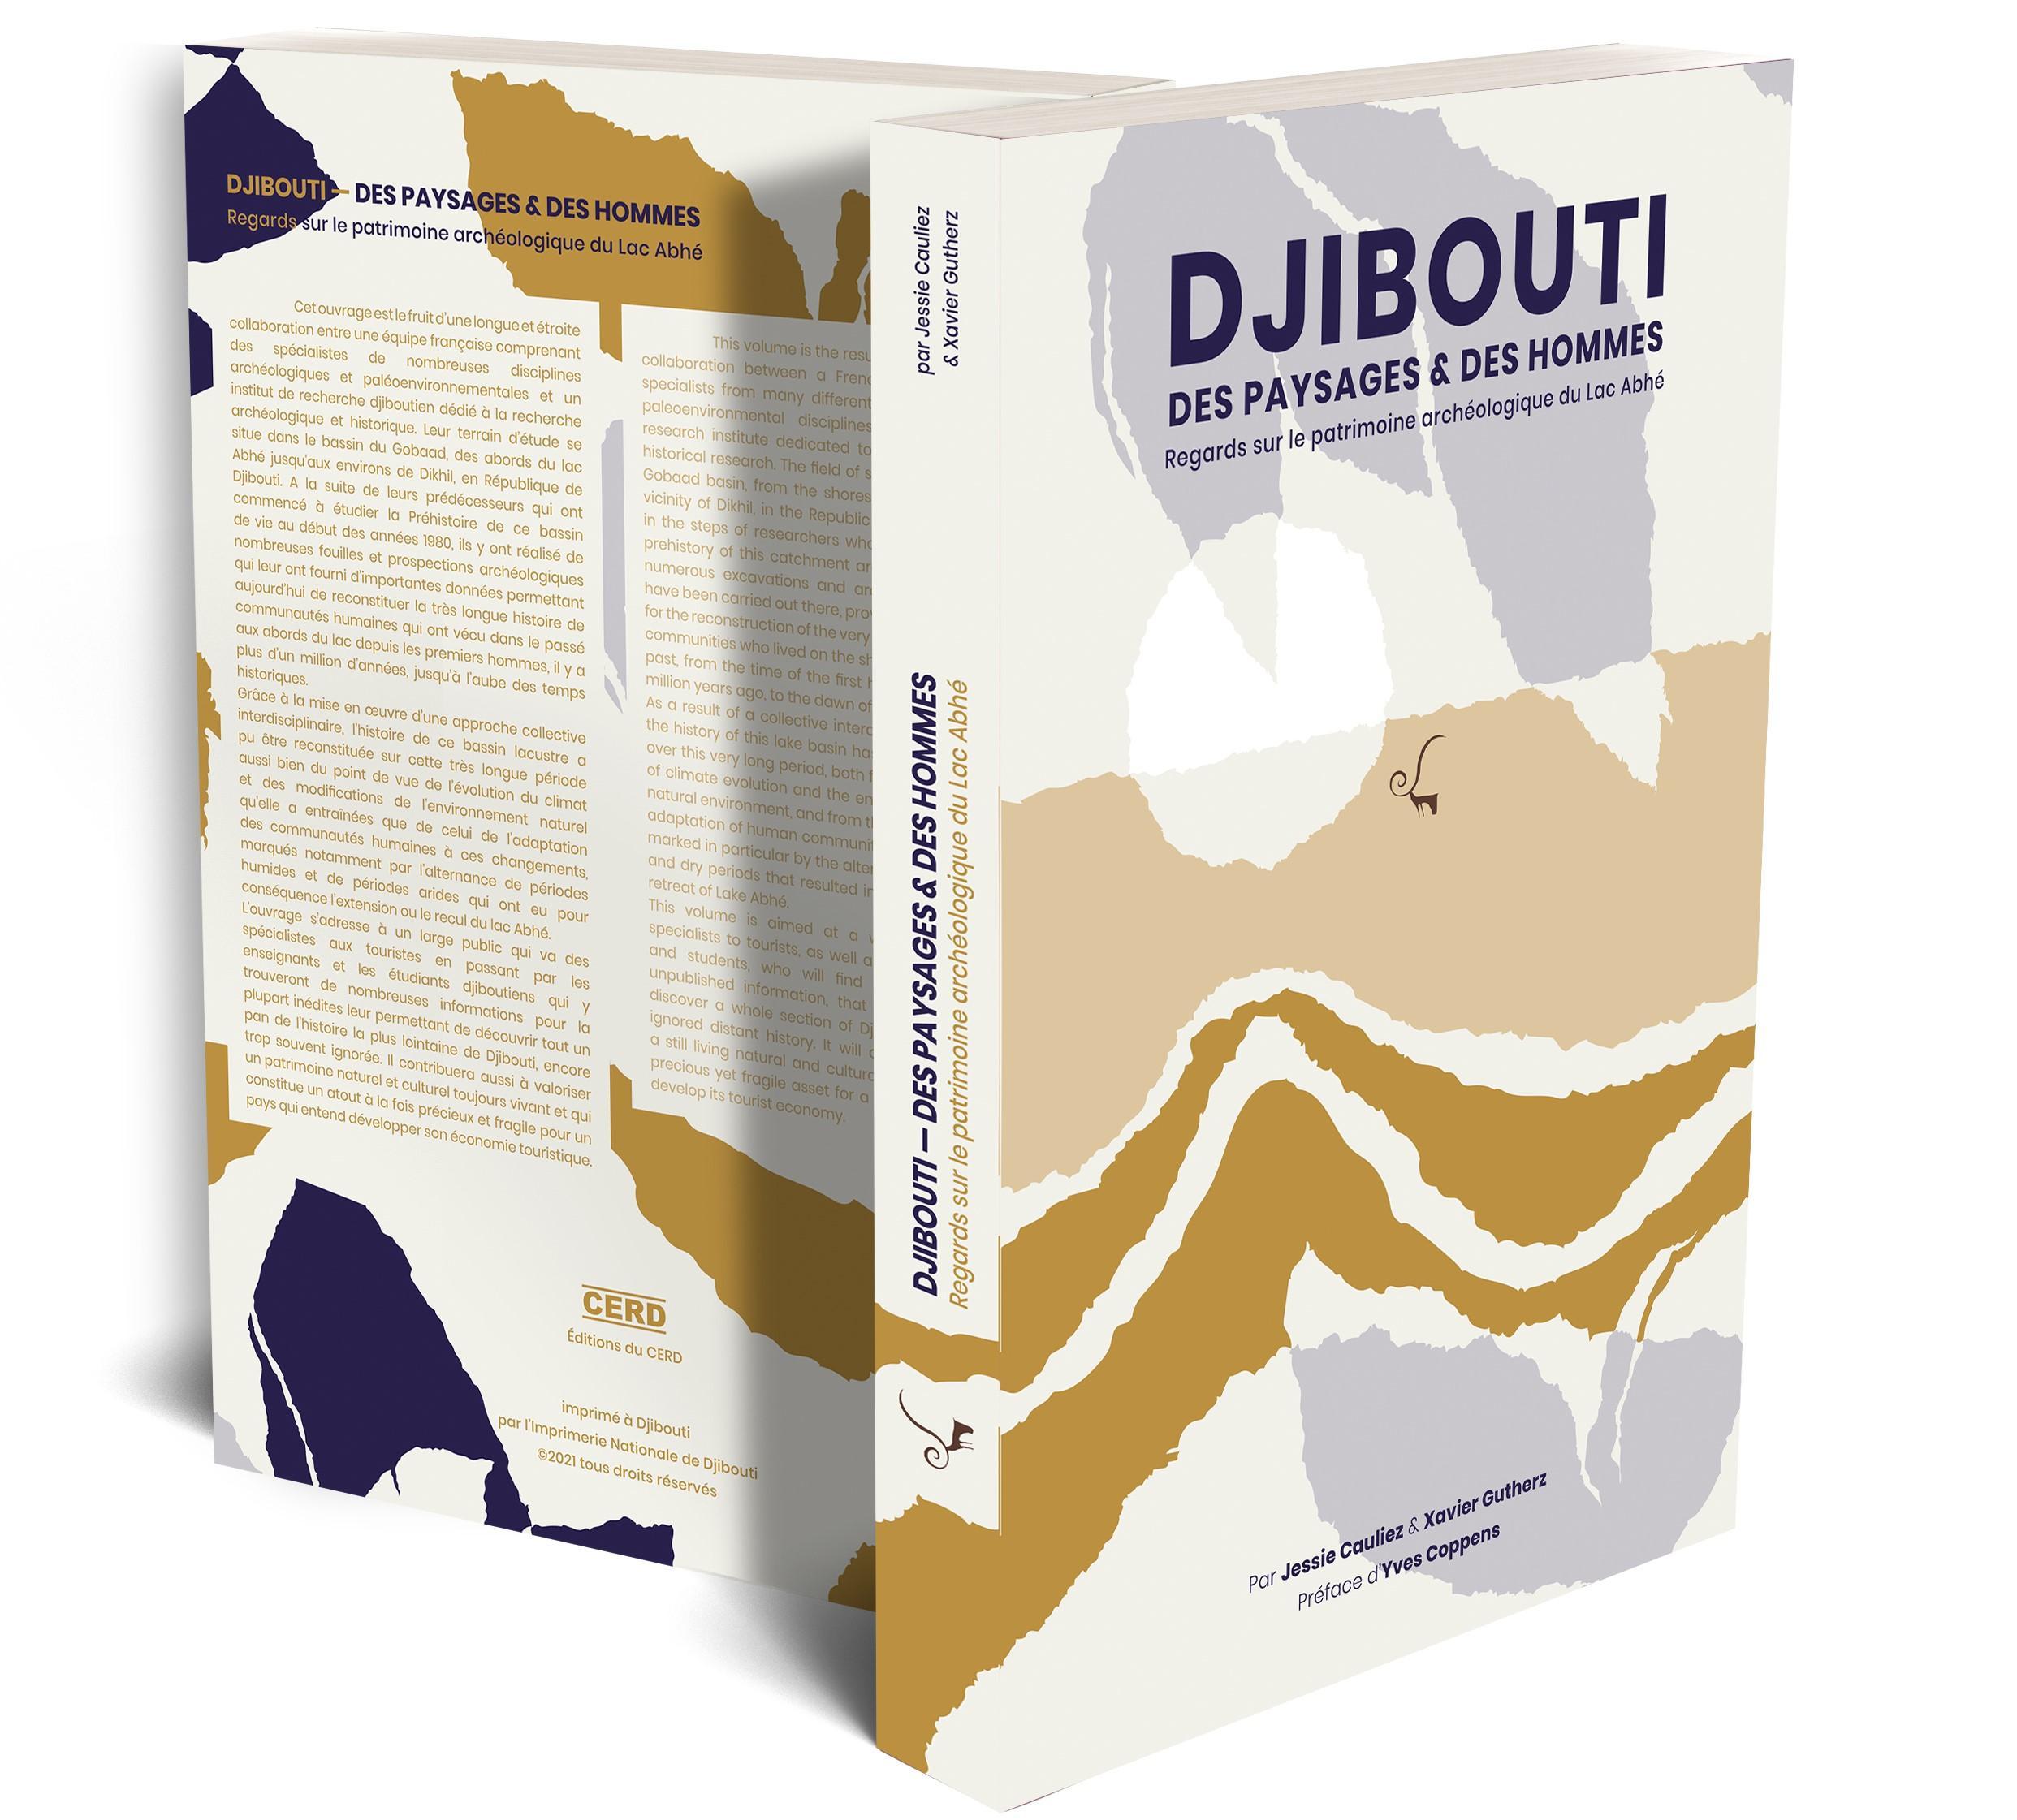 20210511_Djibouti_Cauliez